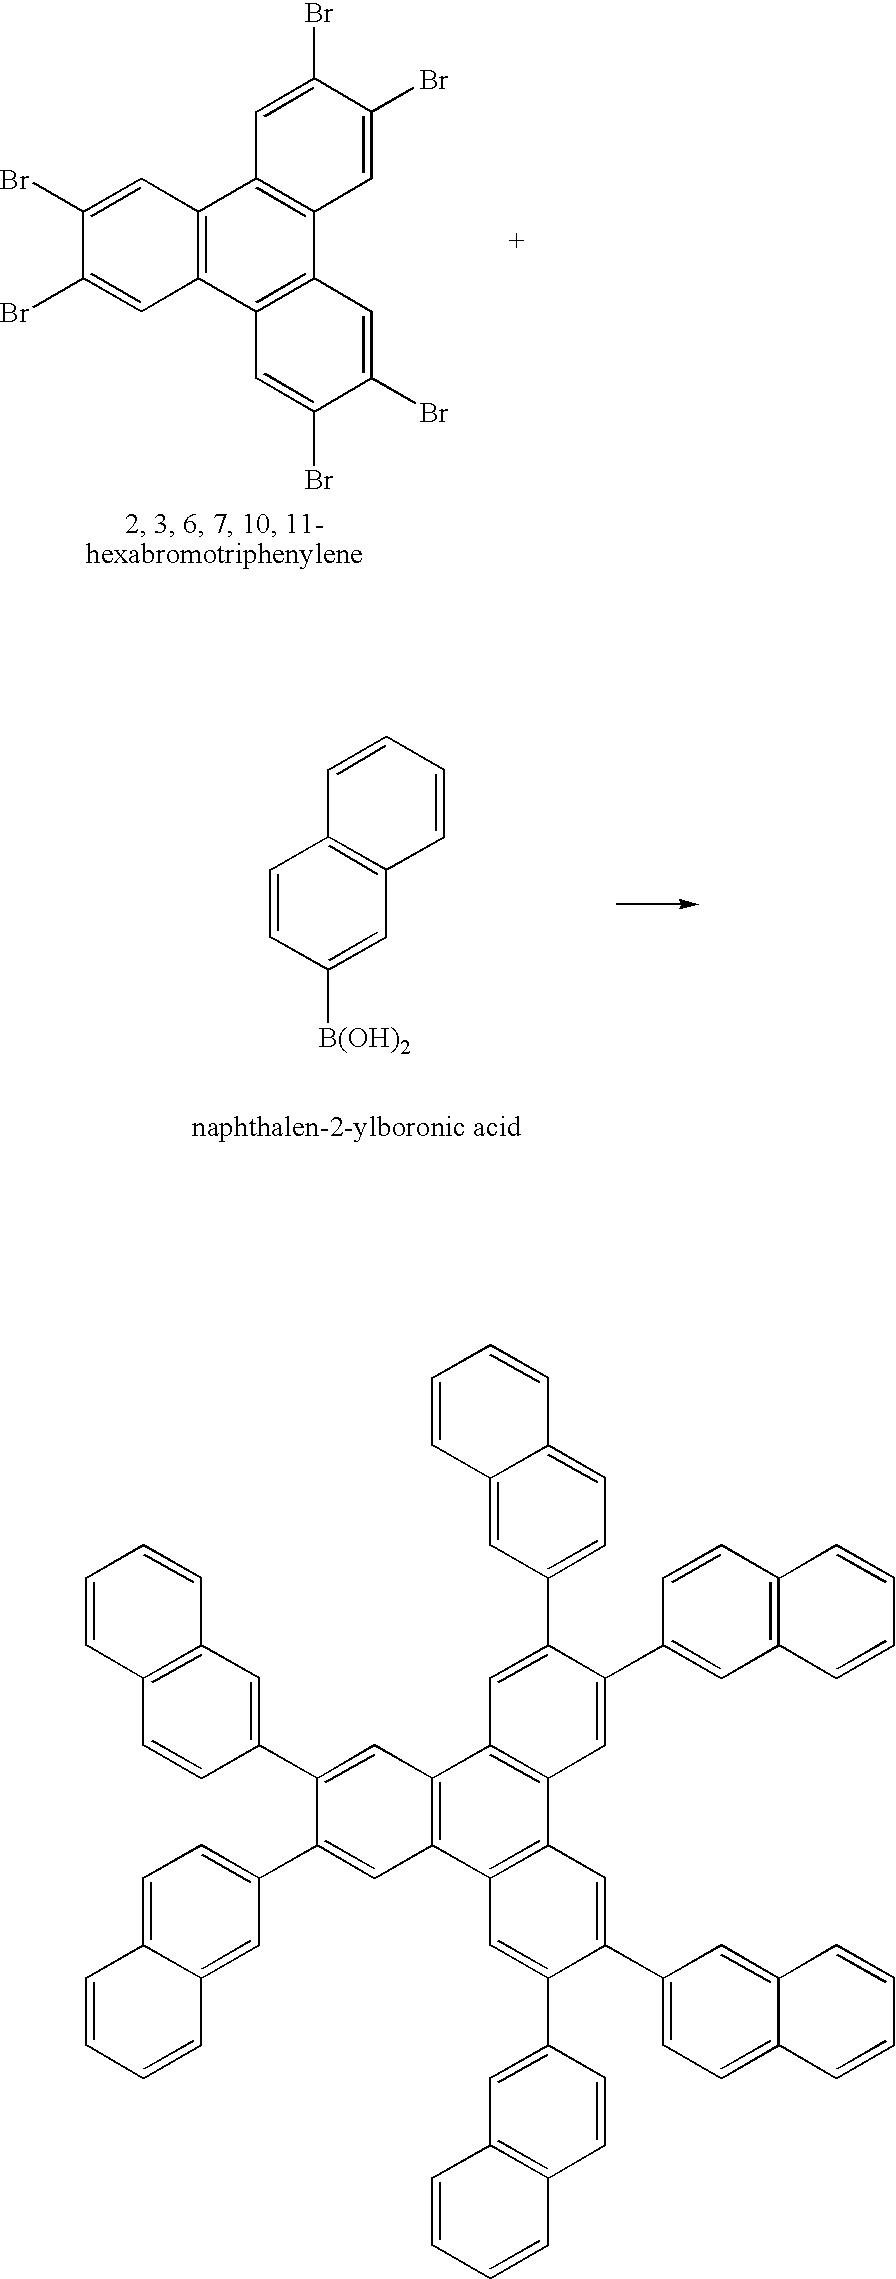 Figure US20060280965A1-20061214-C00021